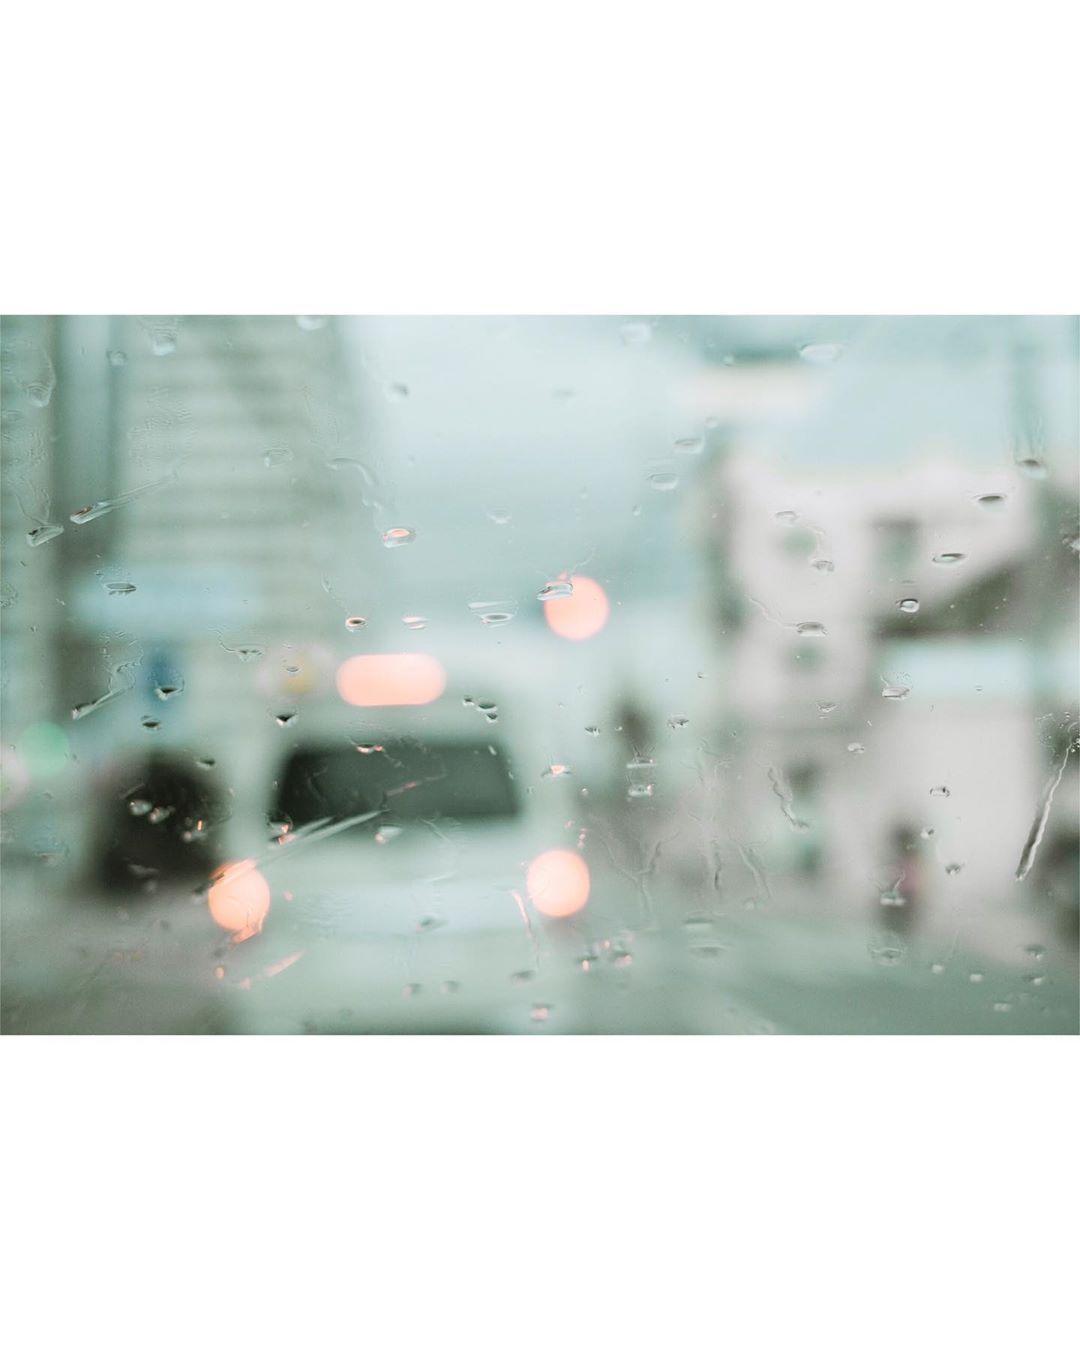 . . . . 窓の水滴を気にしていると、 周りがぼやけました。 嫌なことを気にしていると、 周りが見えなくなりました。 こんなにも世界は広いのに。 . 忘れたいことだらけ . . . .  fujifilm  xt3  fujifilmxt3   igersjp  pics_jp  photography   tokyocamerabu  photogram_archive   ファインダー越しの私の世界   フィルムに恋してる  写真好きな人と繋がりたい